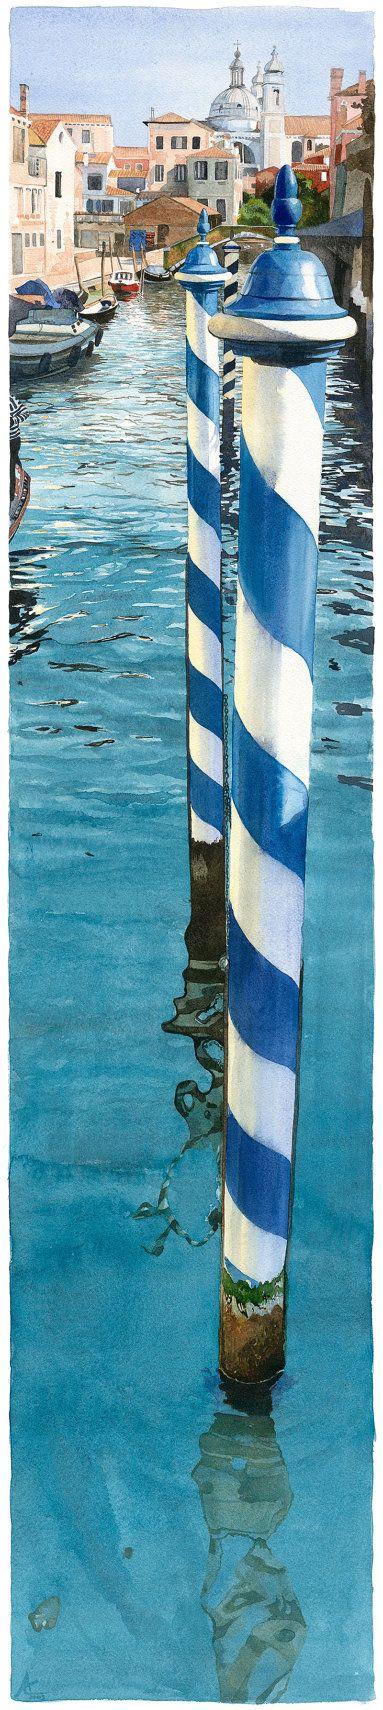 Acuarela de impresión Giclée postes de amarre rayas veneciano en el agua, Venecia